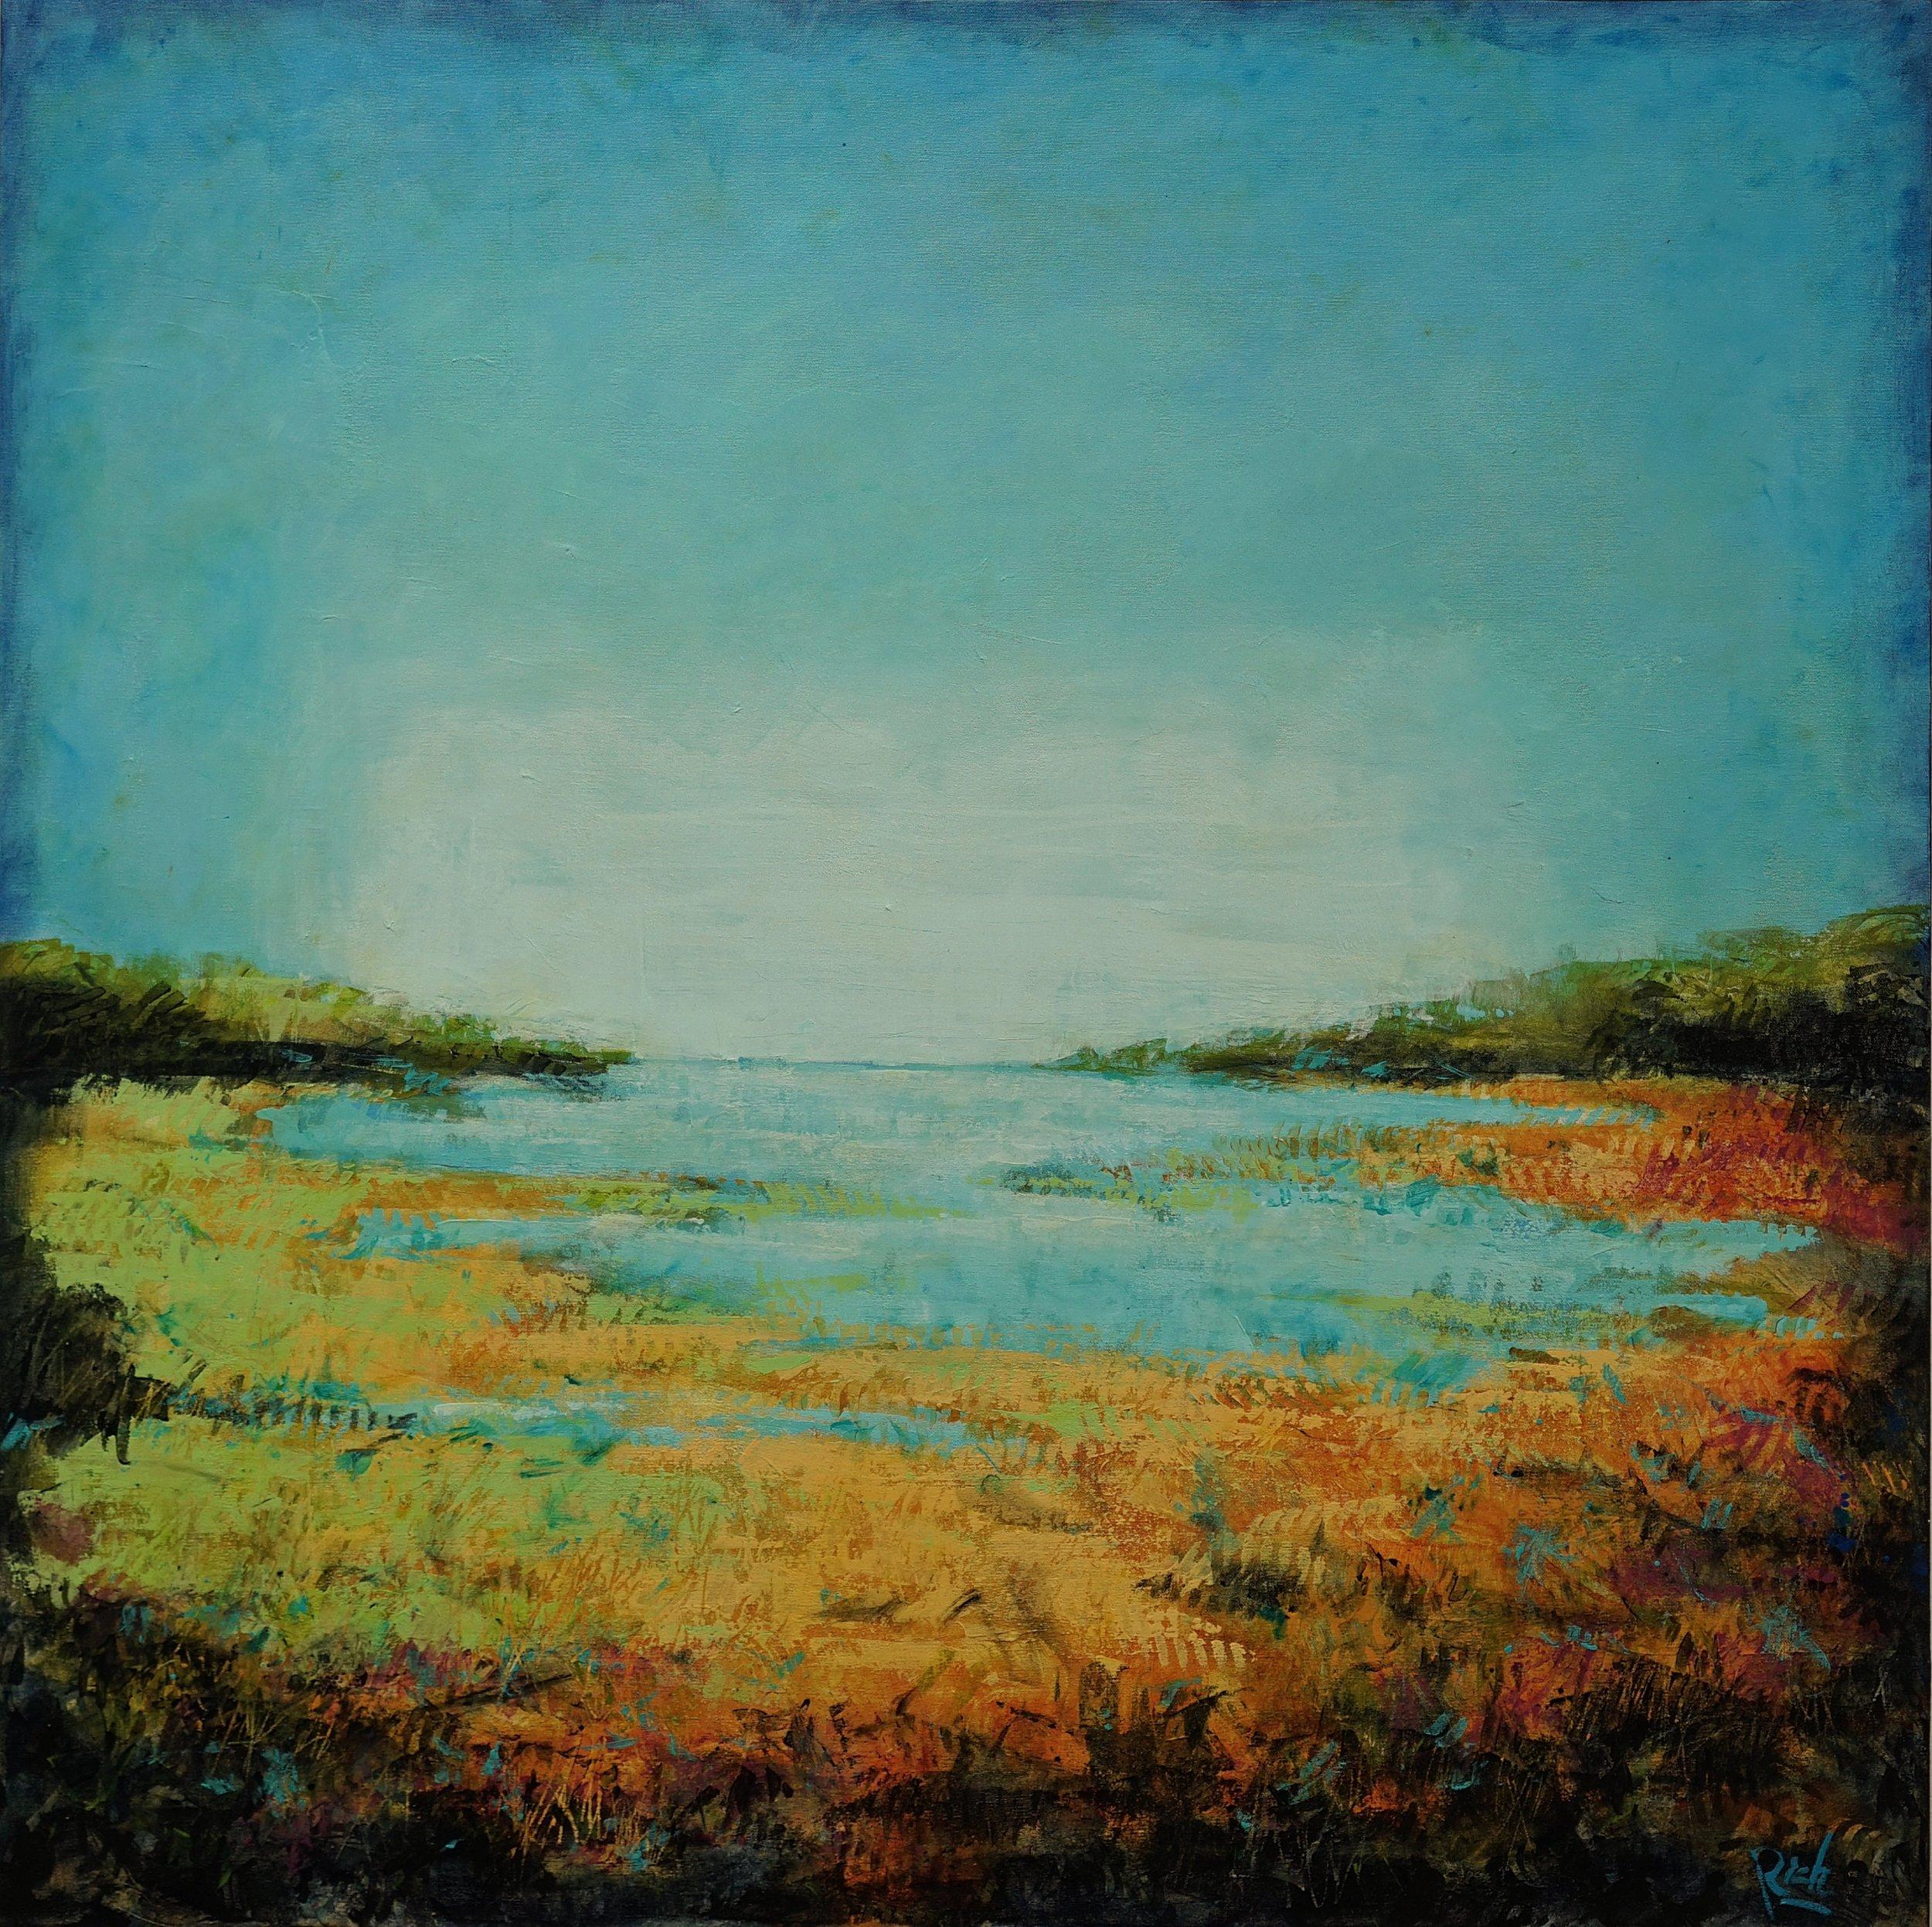 Acrylic on canvas 42x42